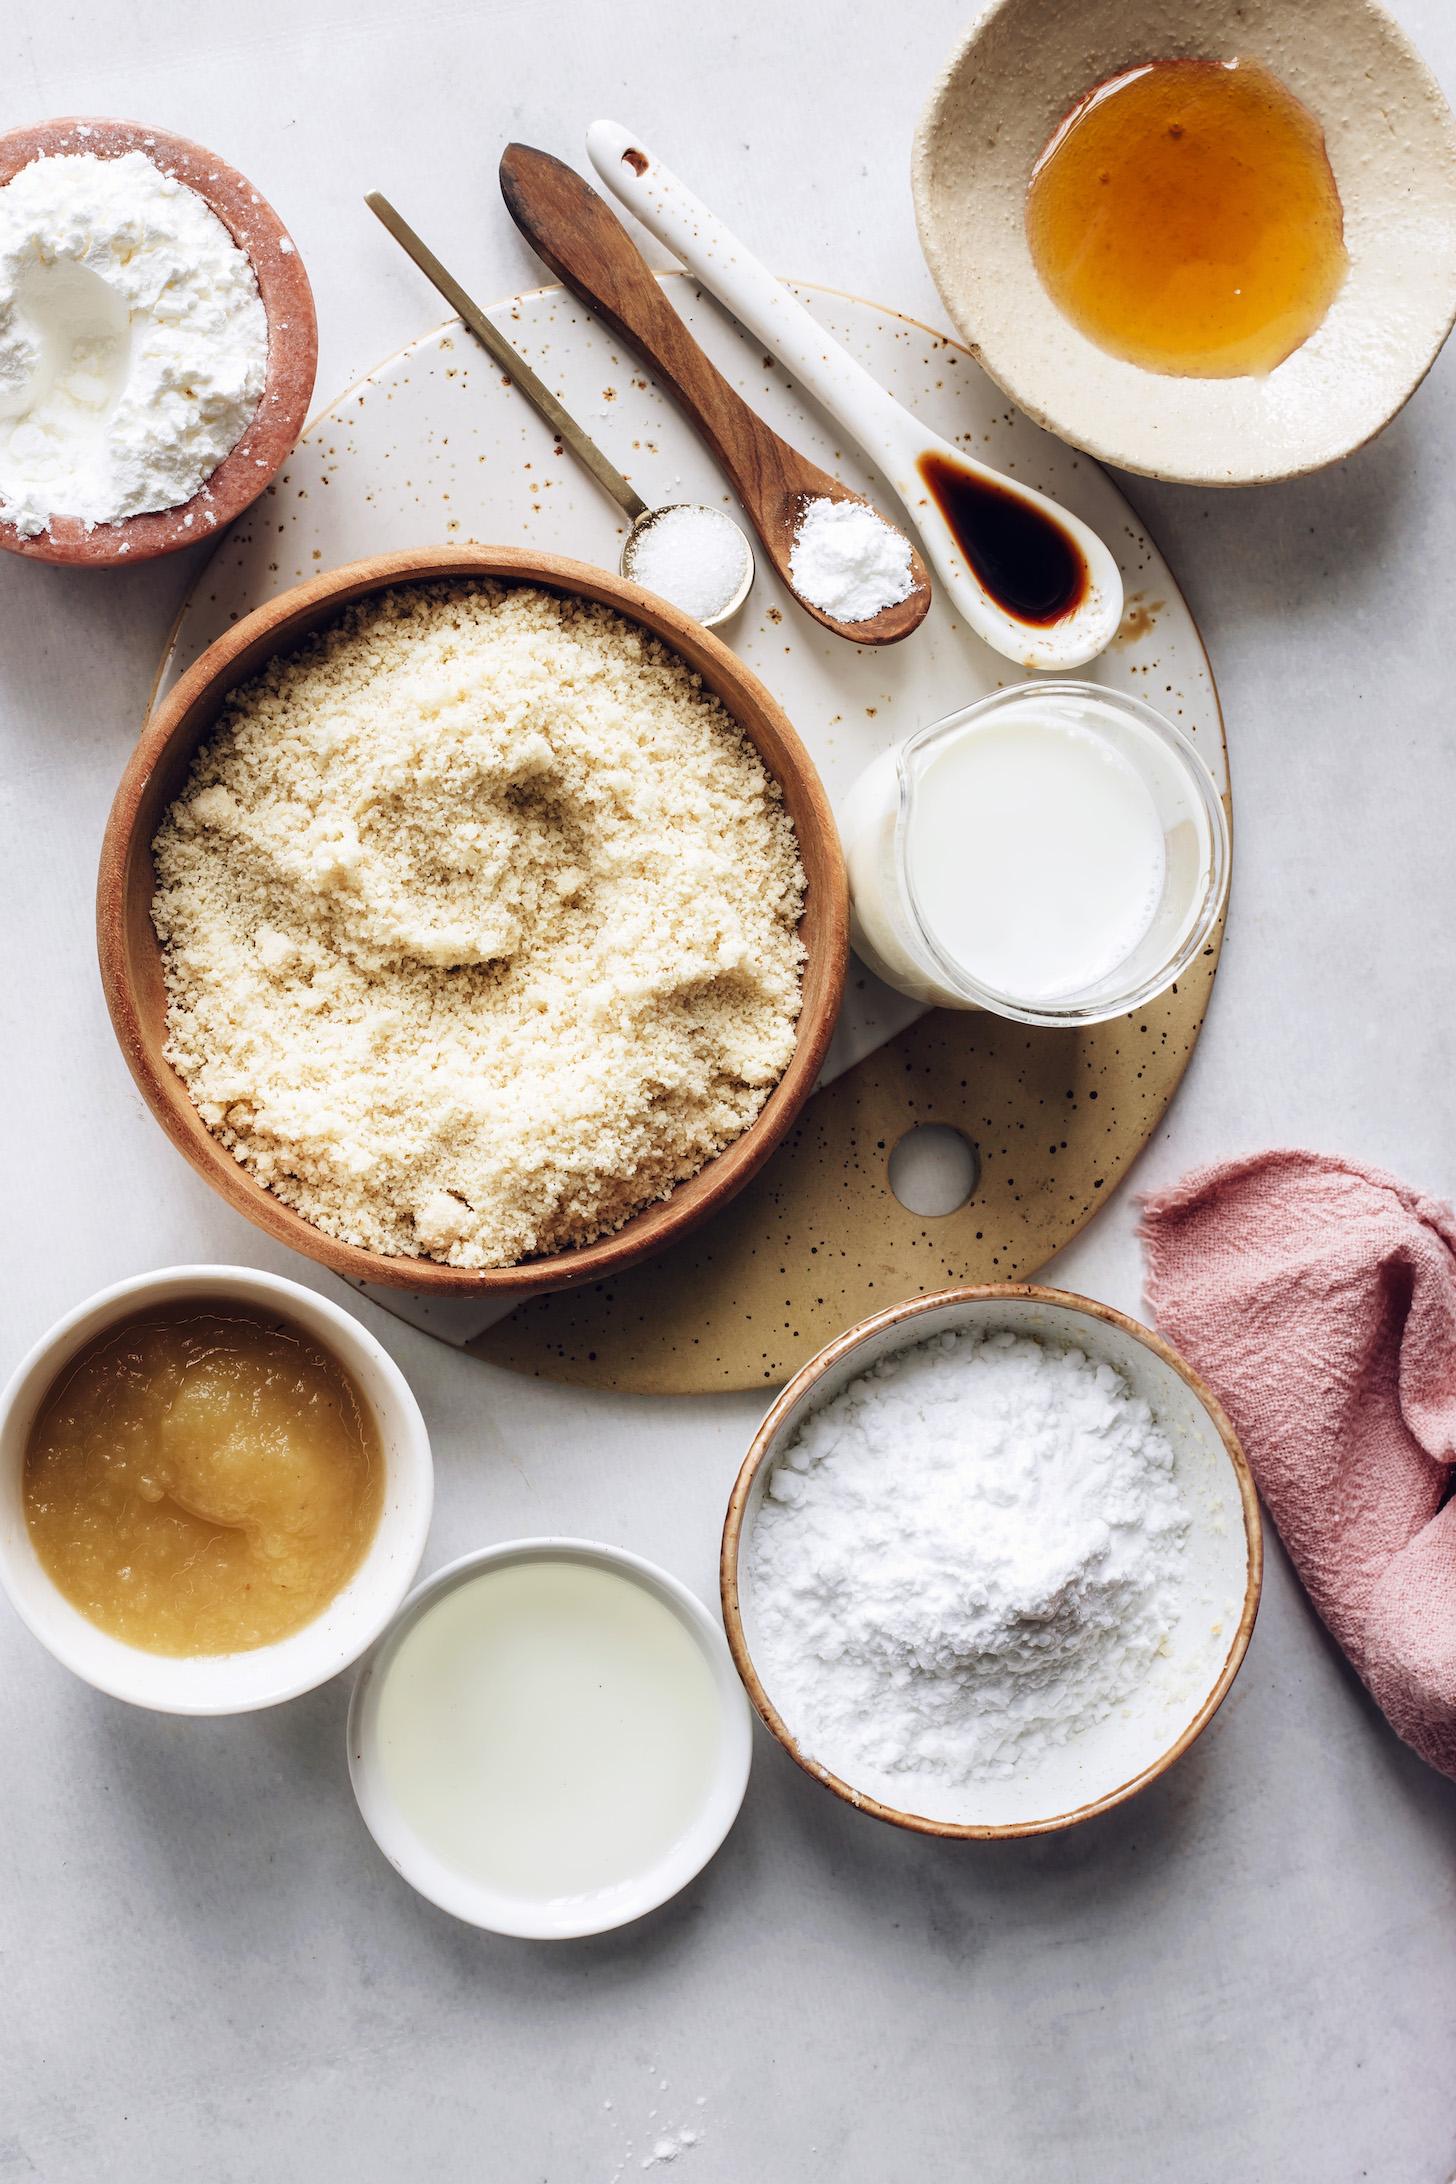 Mandulaliszt, kukoricakeményítő, burgonyakeményítő, vanília, mandulatej, almaszósz, avokádóolaj, juharszirup, sütőpor és só